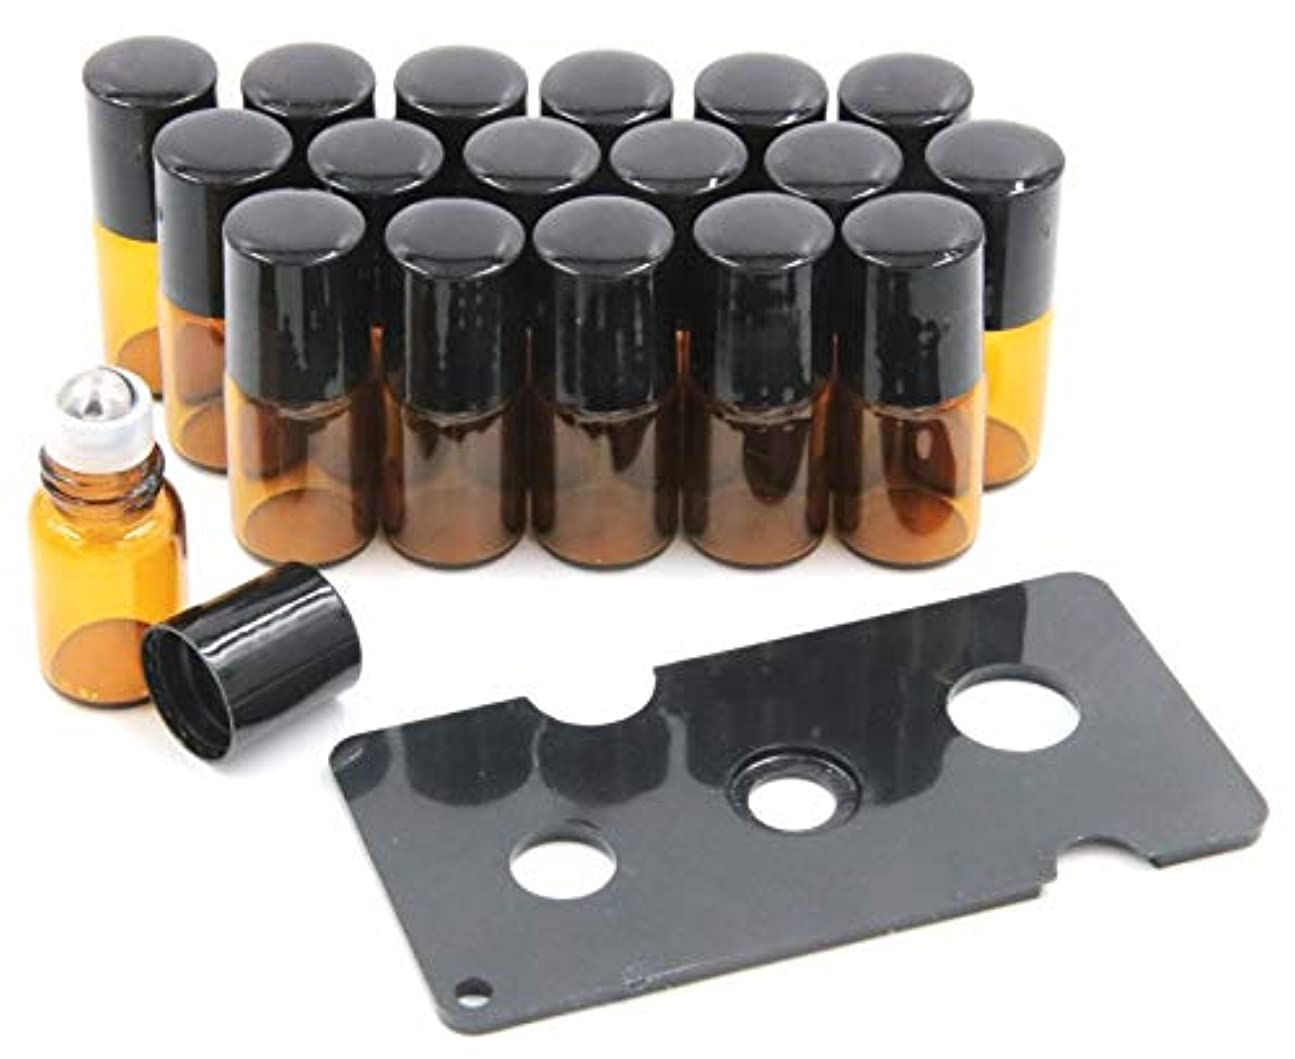 保証万一に備えてマージXPdesign アロマ ロールオン遮光瓶 アロマオイル 遮光瓶 保存 容器 小分け 詰め替え 香水 ボトル (2ml18本セット)